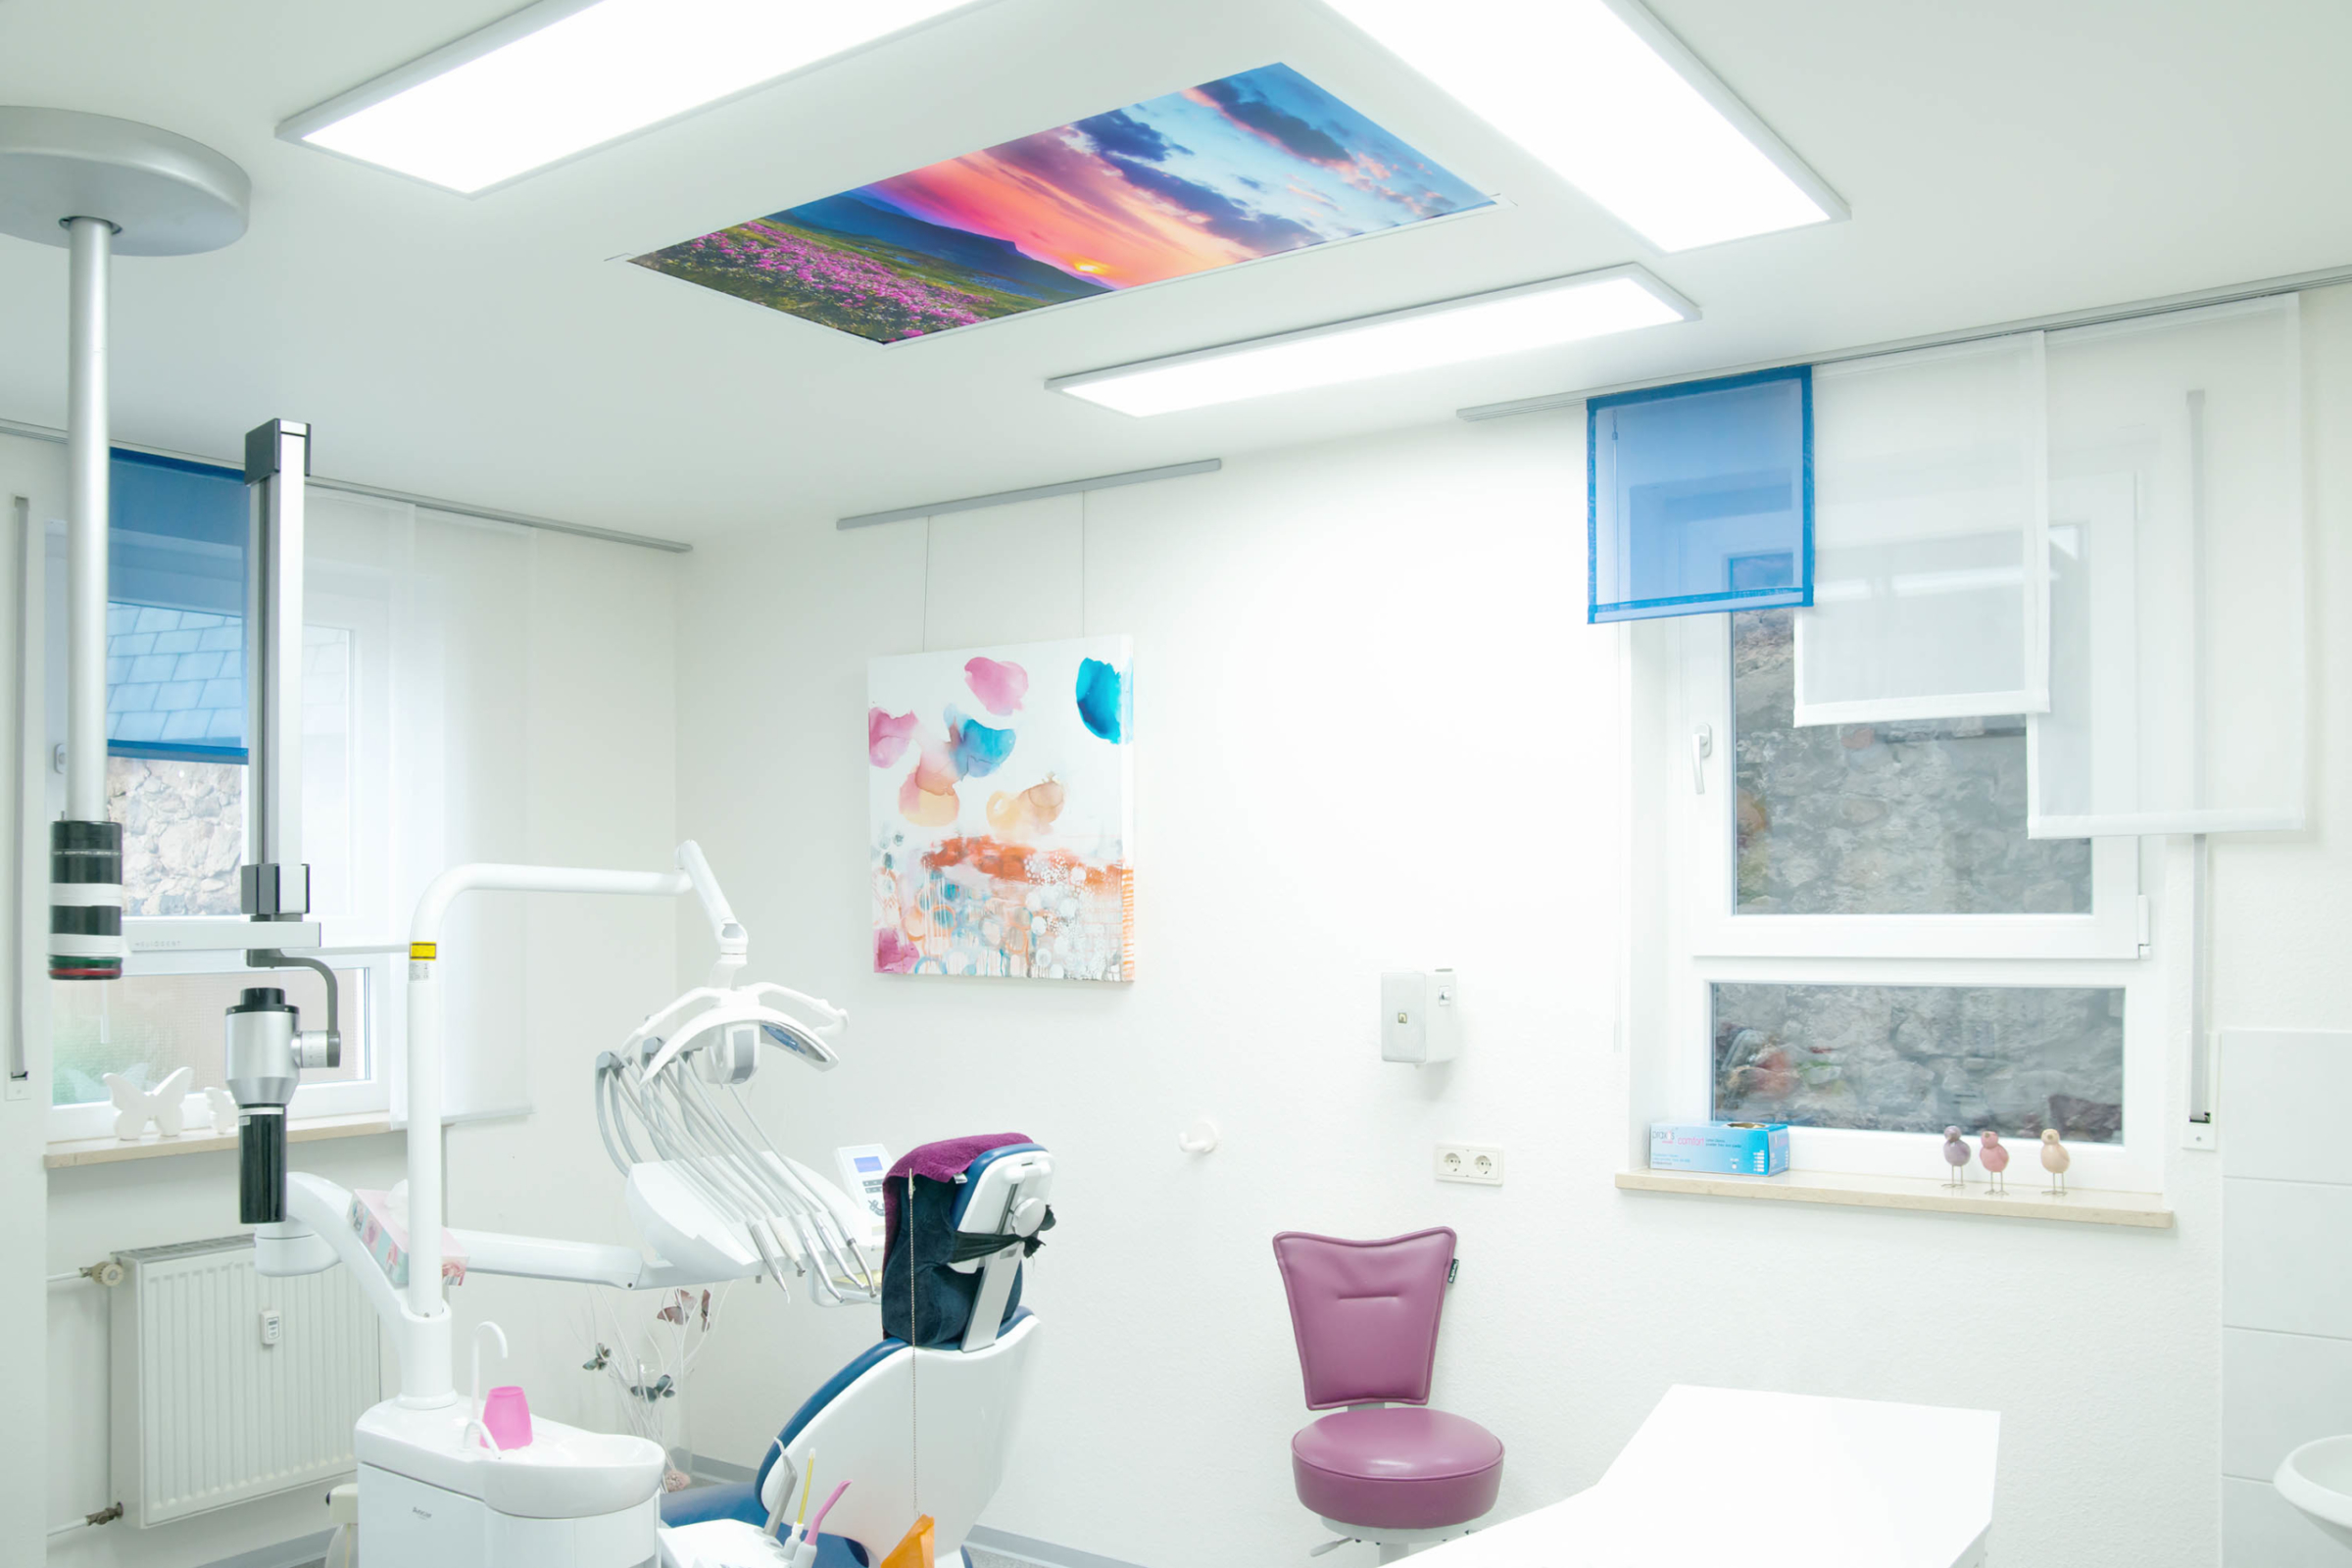 Lichtdecke mit Motiv in Praxisräumen